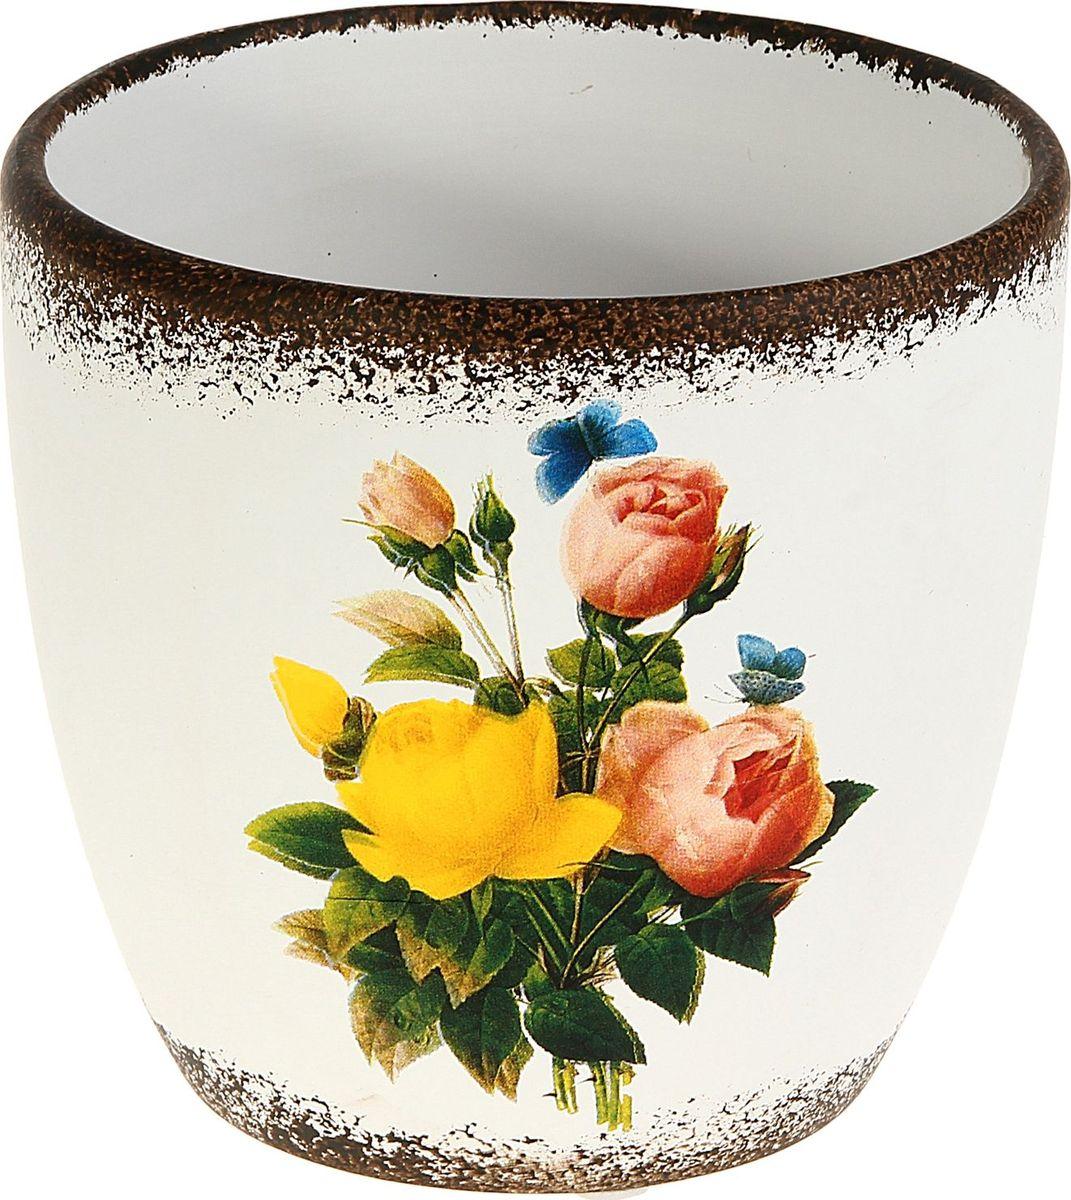 Кашпо Розы, 9 х 12 х 12 см829709Комнатные растения — всеобщие любимцы. Они радуют глаз, насыщают помещение кислородом и украшают пространство. Каждому из них необходим свой удобный и красивый дом. Кашпо из керамики прекрасно подходят для высадки растений: за счёт пластичности глины и разных способов обработки существует великое множество форм и дизайновпористый материал позволяет испаряться лишней влагевоздух, необходимый для дыхания корней, проникает сквозь керамические стенки! #name# позаботится о зелёном питомце, освежит интерьер и подчеркнёт его стиль.